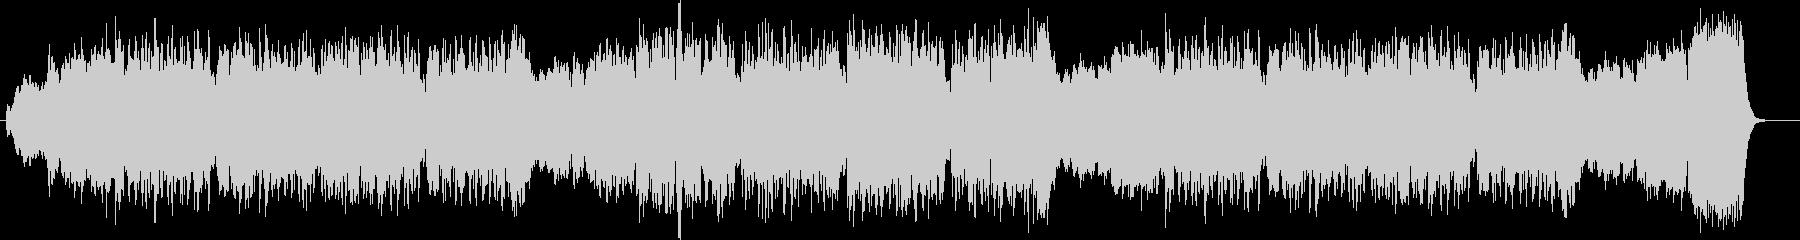 ひなまつり・木管五重奏の未再生の波形